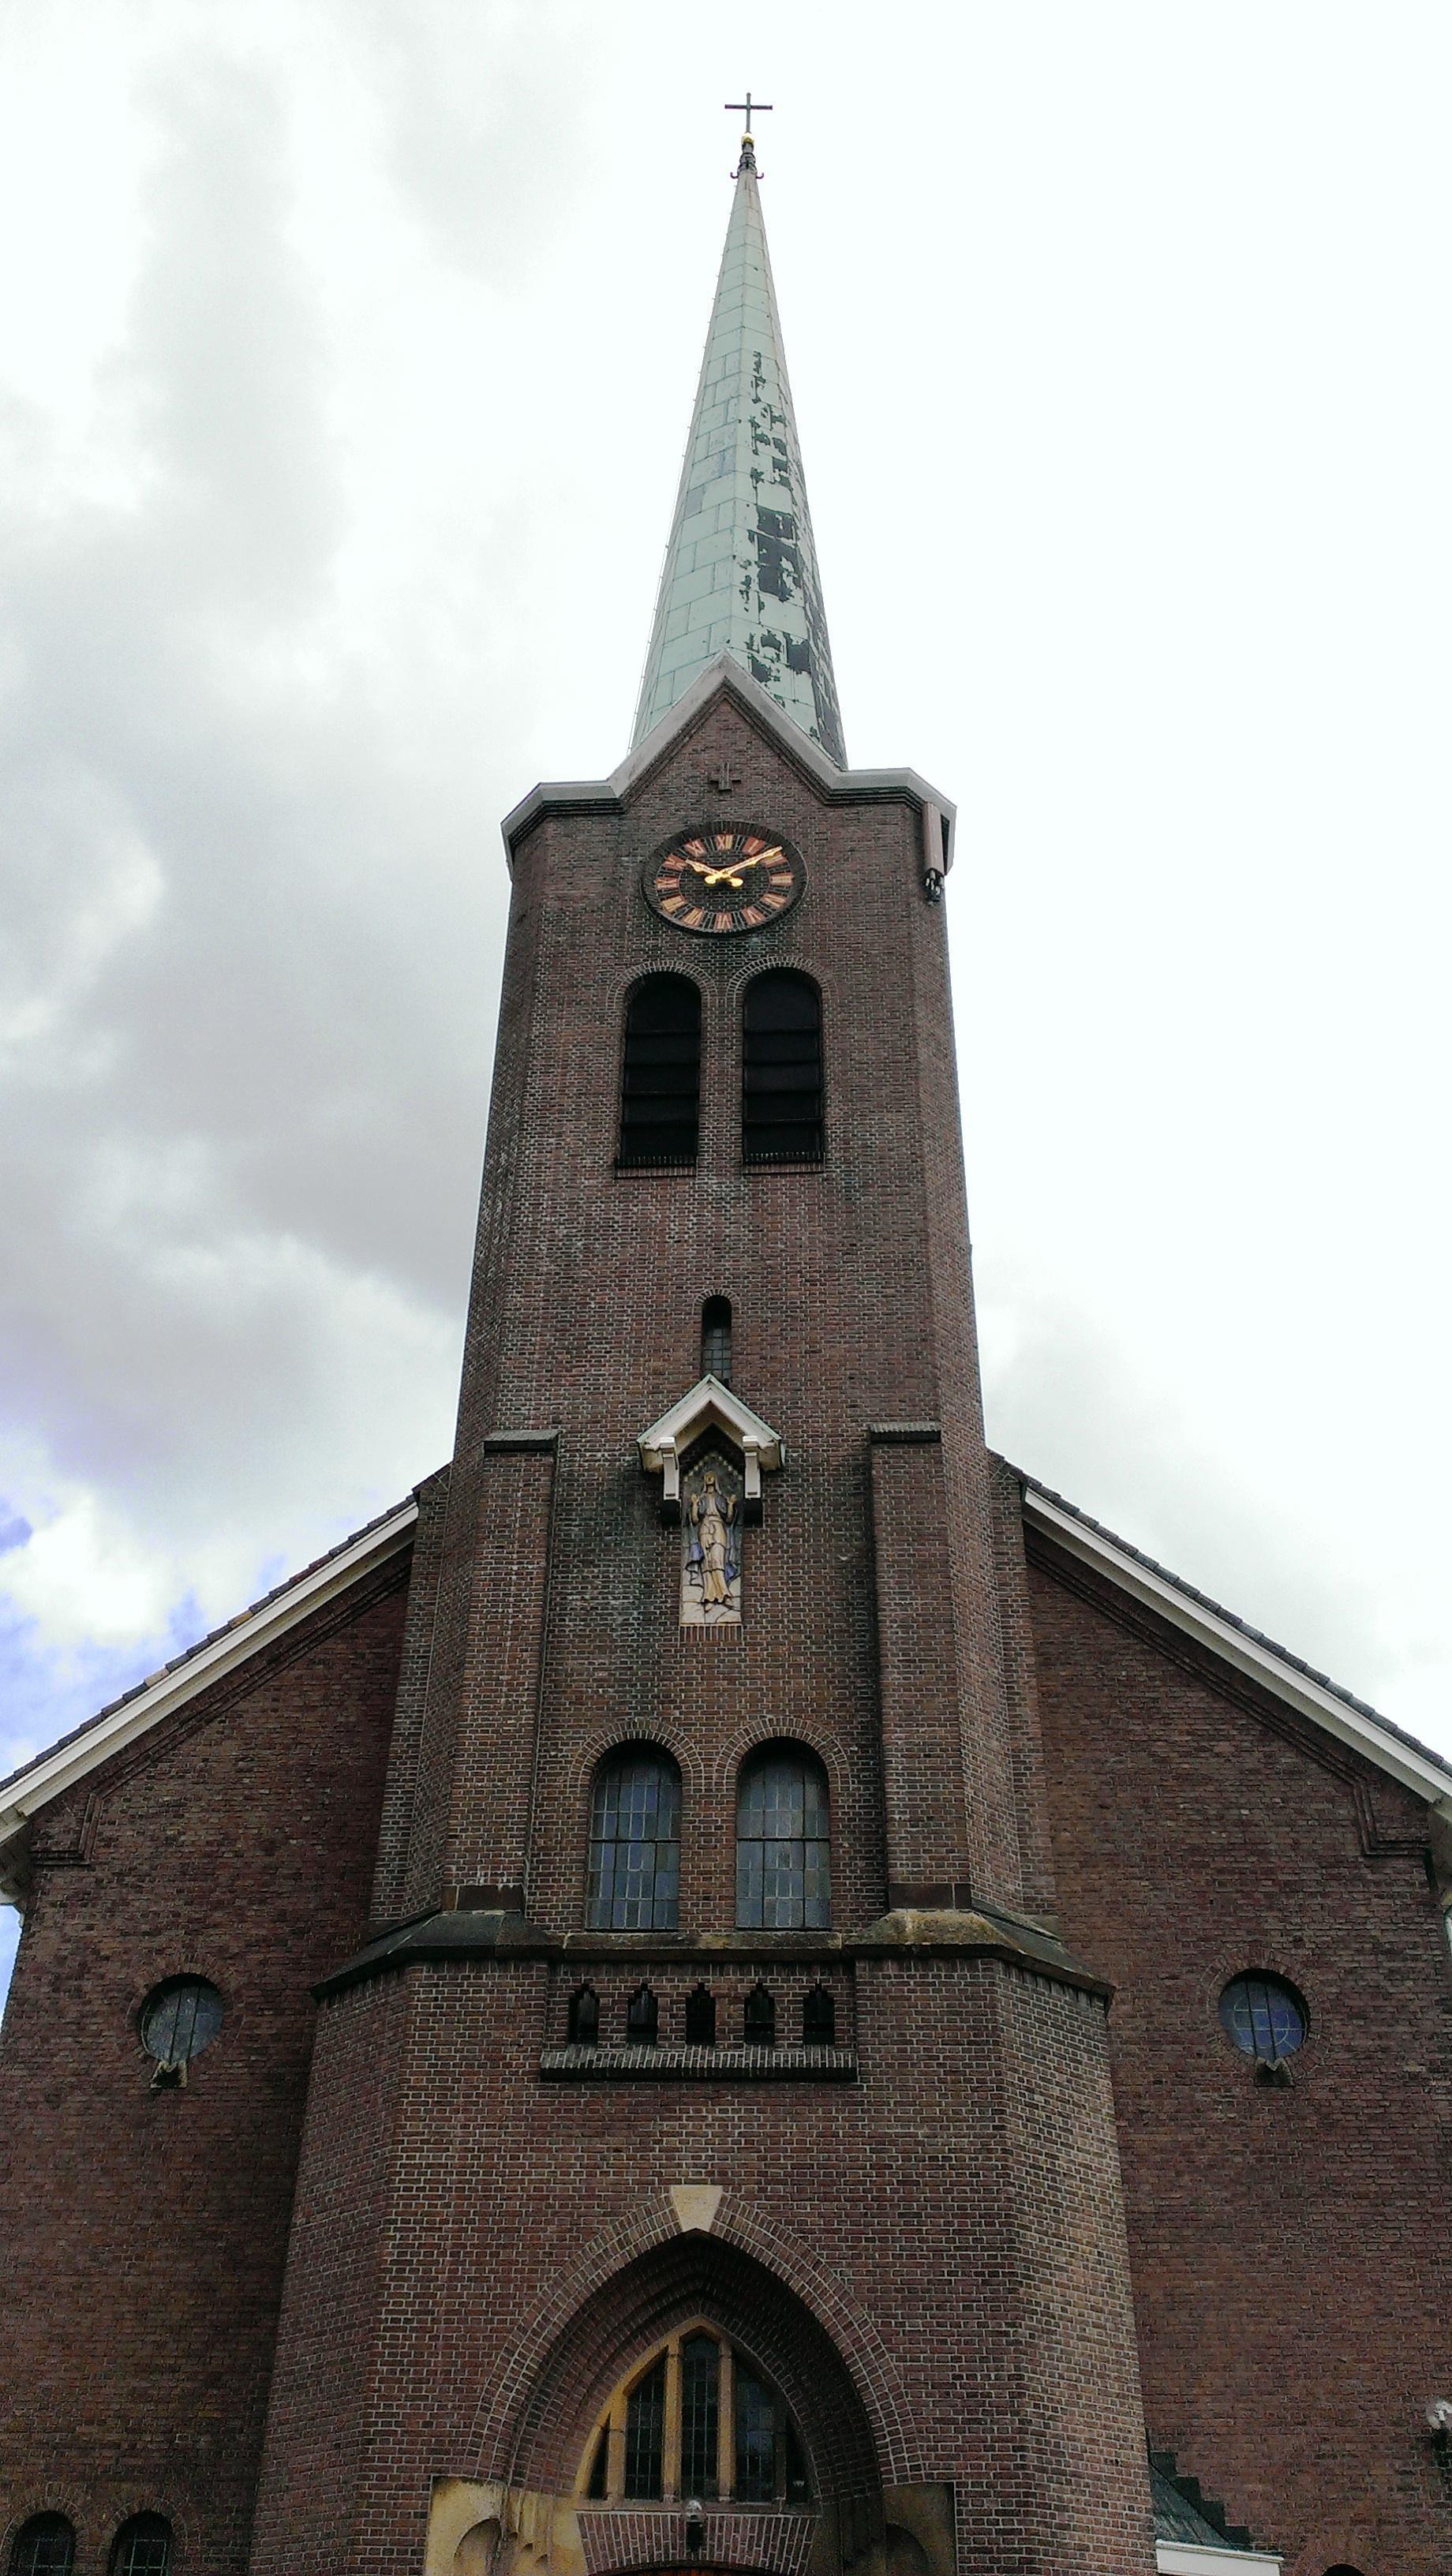 Voorzichtig 'ja' voor het herbouwen van de katholieke kerk in Hoogmade